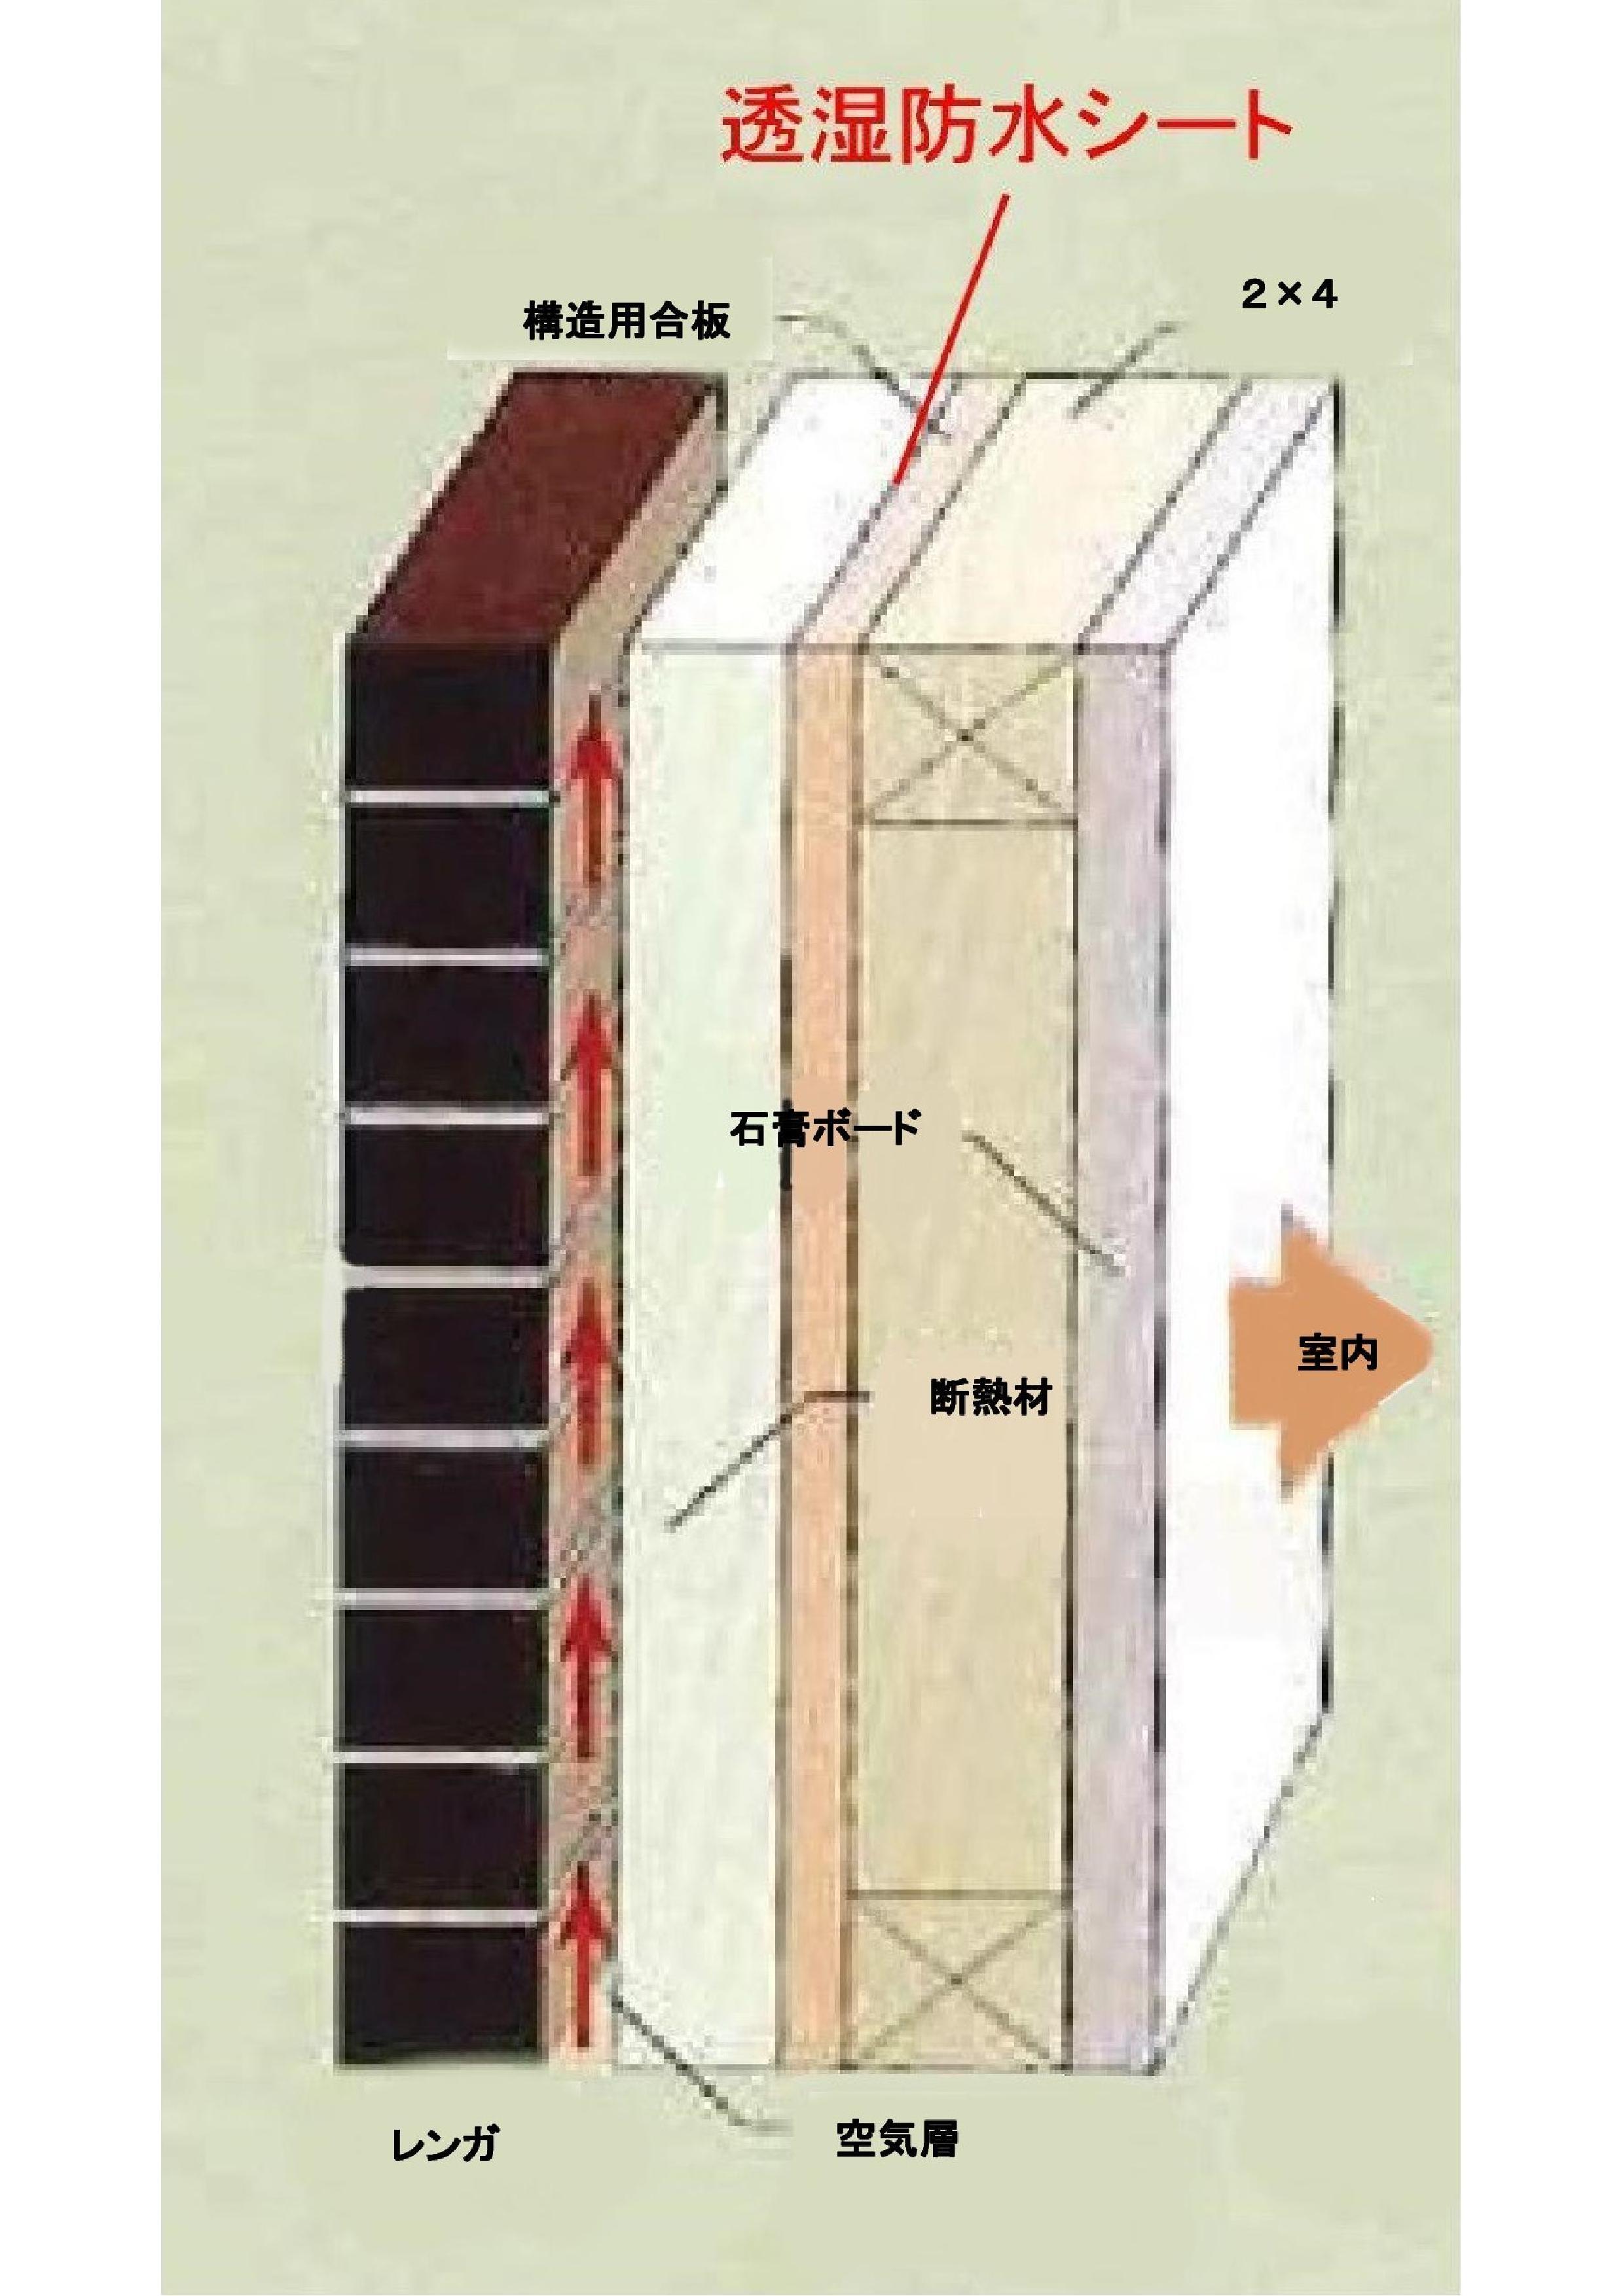 壁の構造 (2)